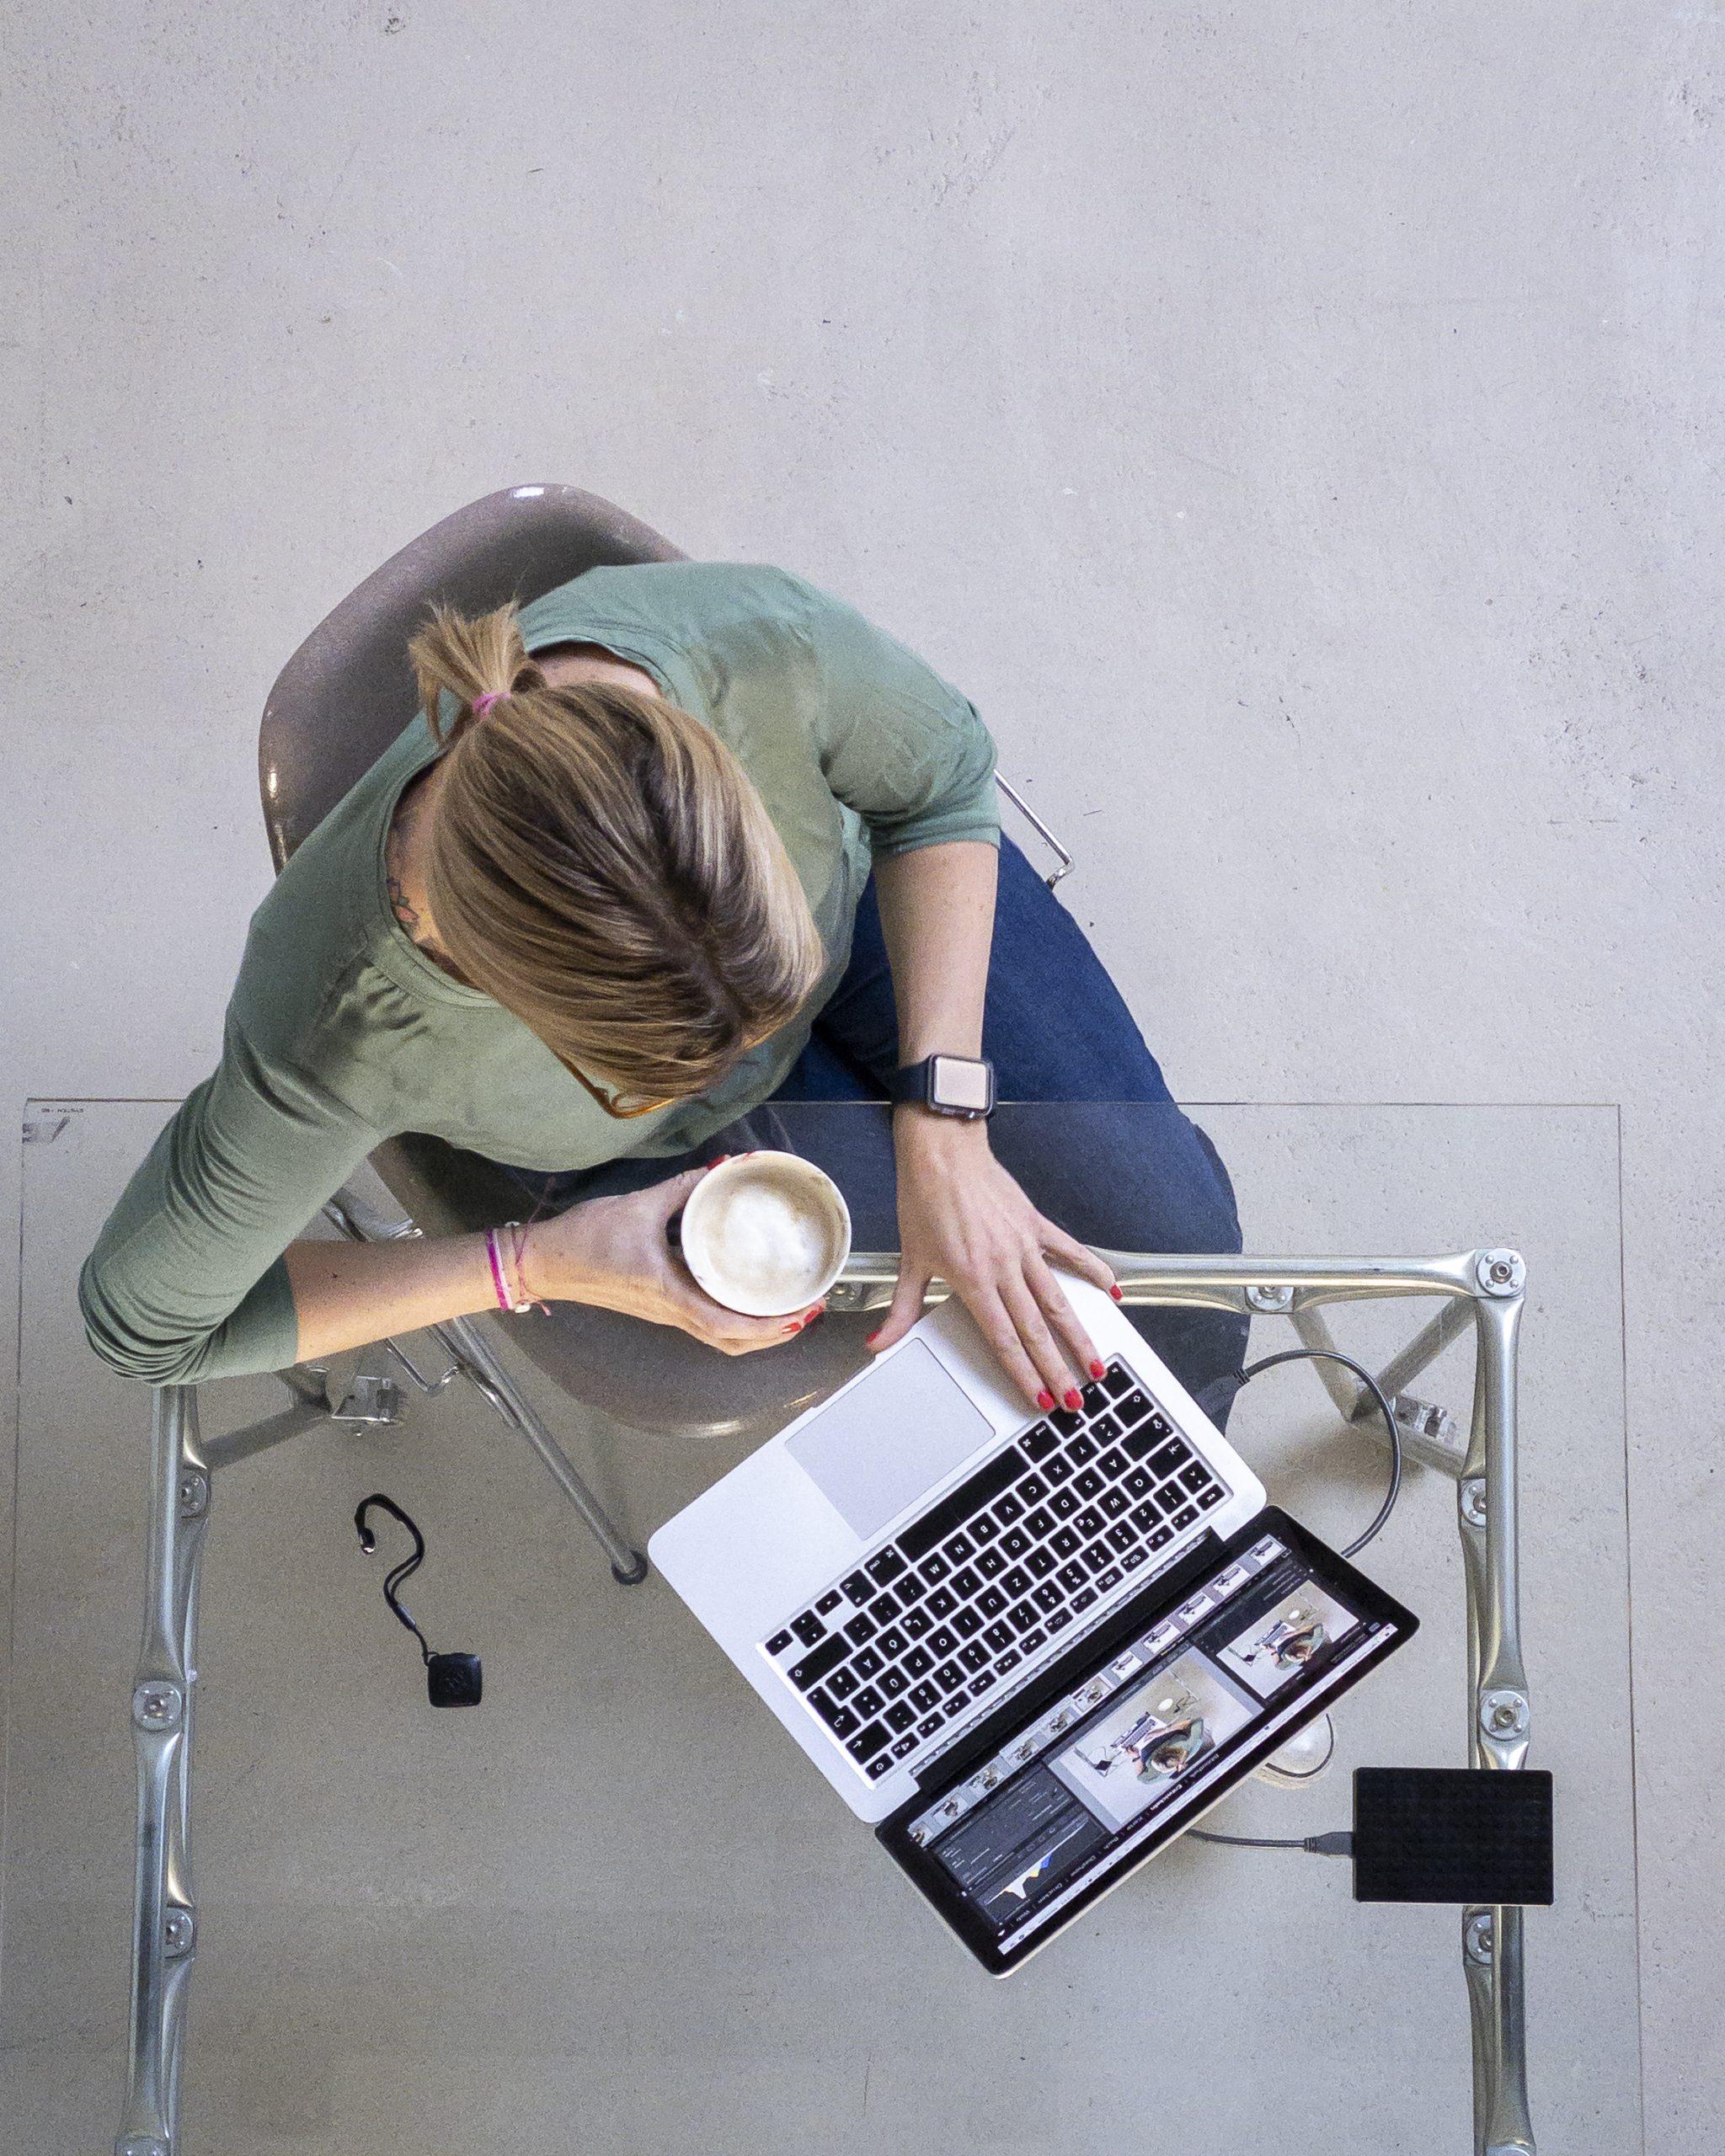 Ein Bild von oben, wie Maxi an ihrem Laptop arbeitet.